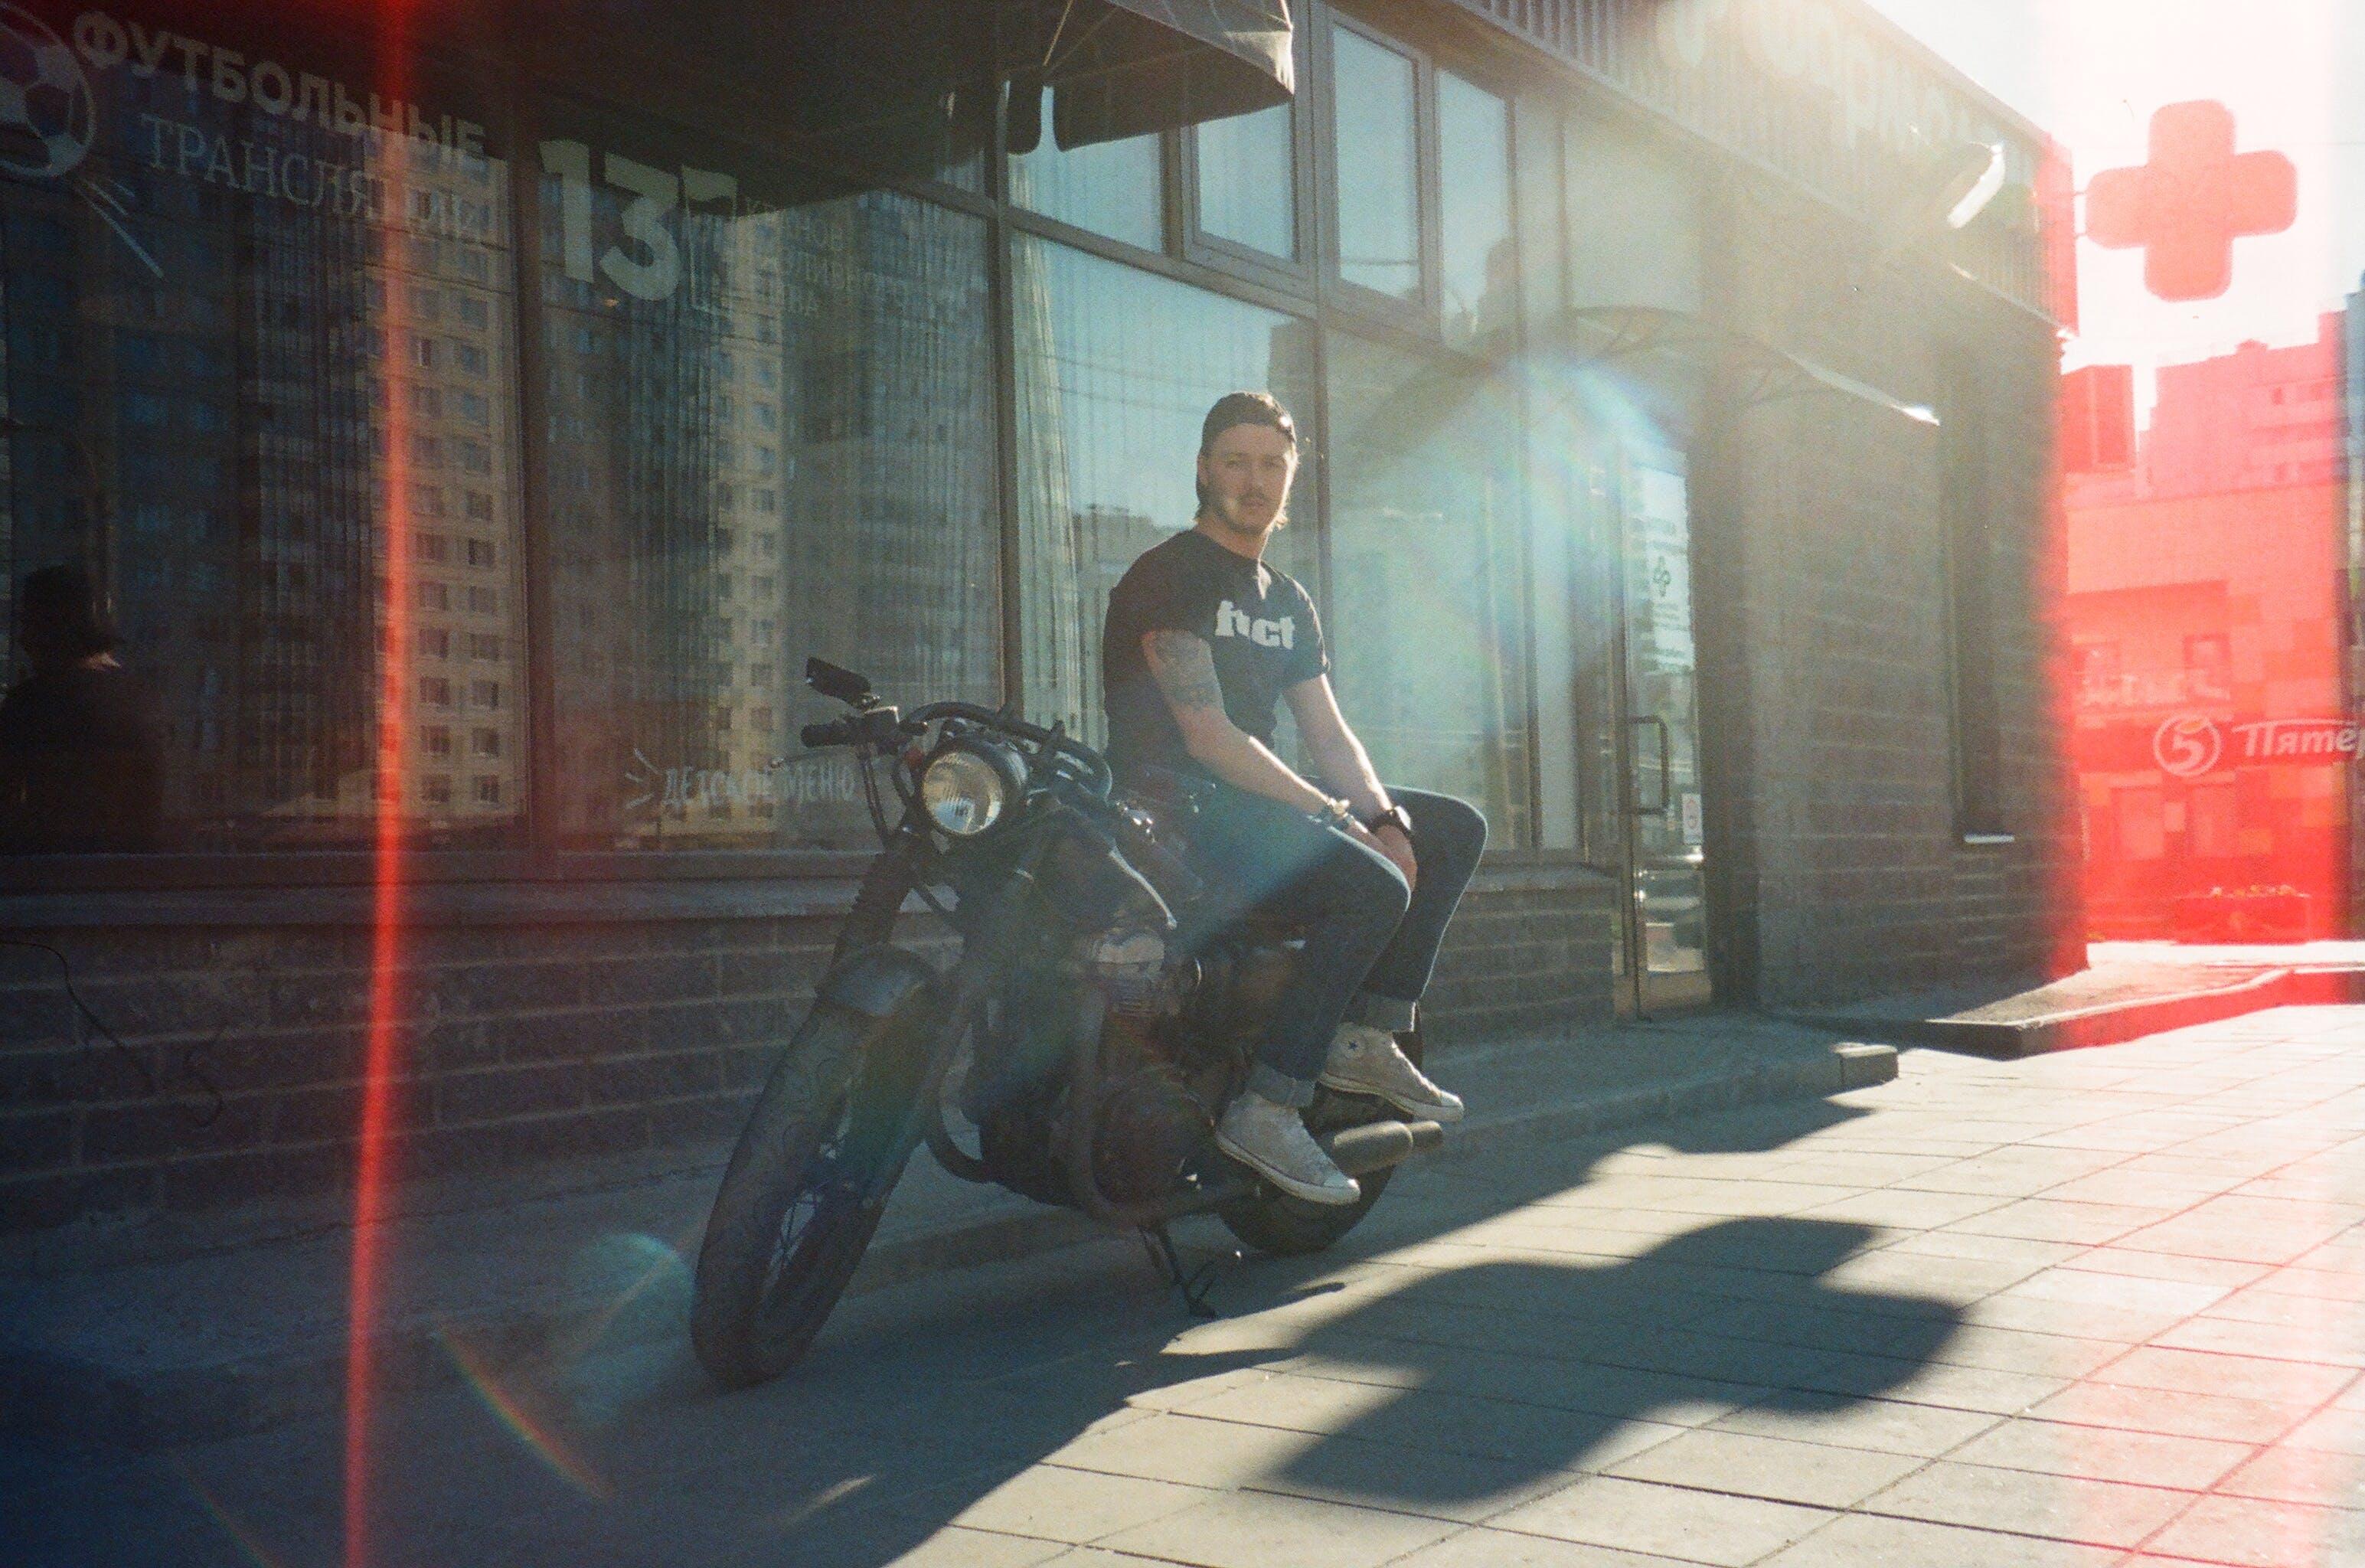 Man Sitting on Black Motorcycle